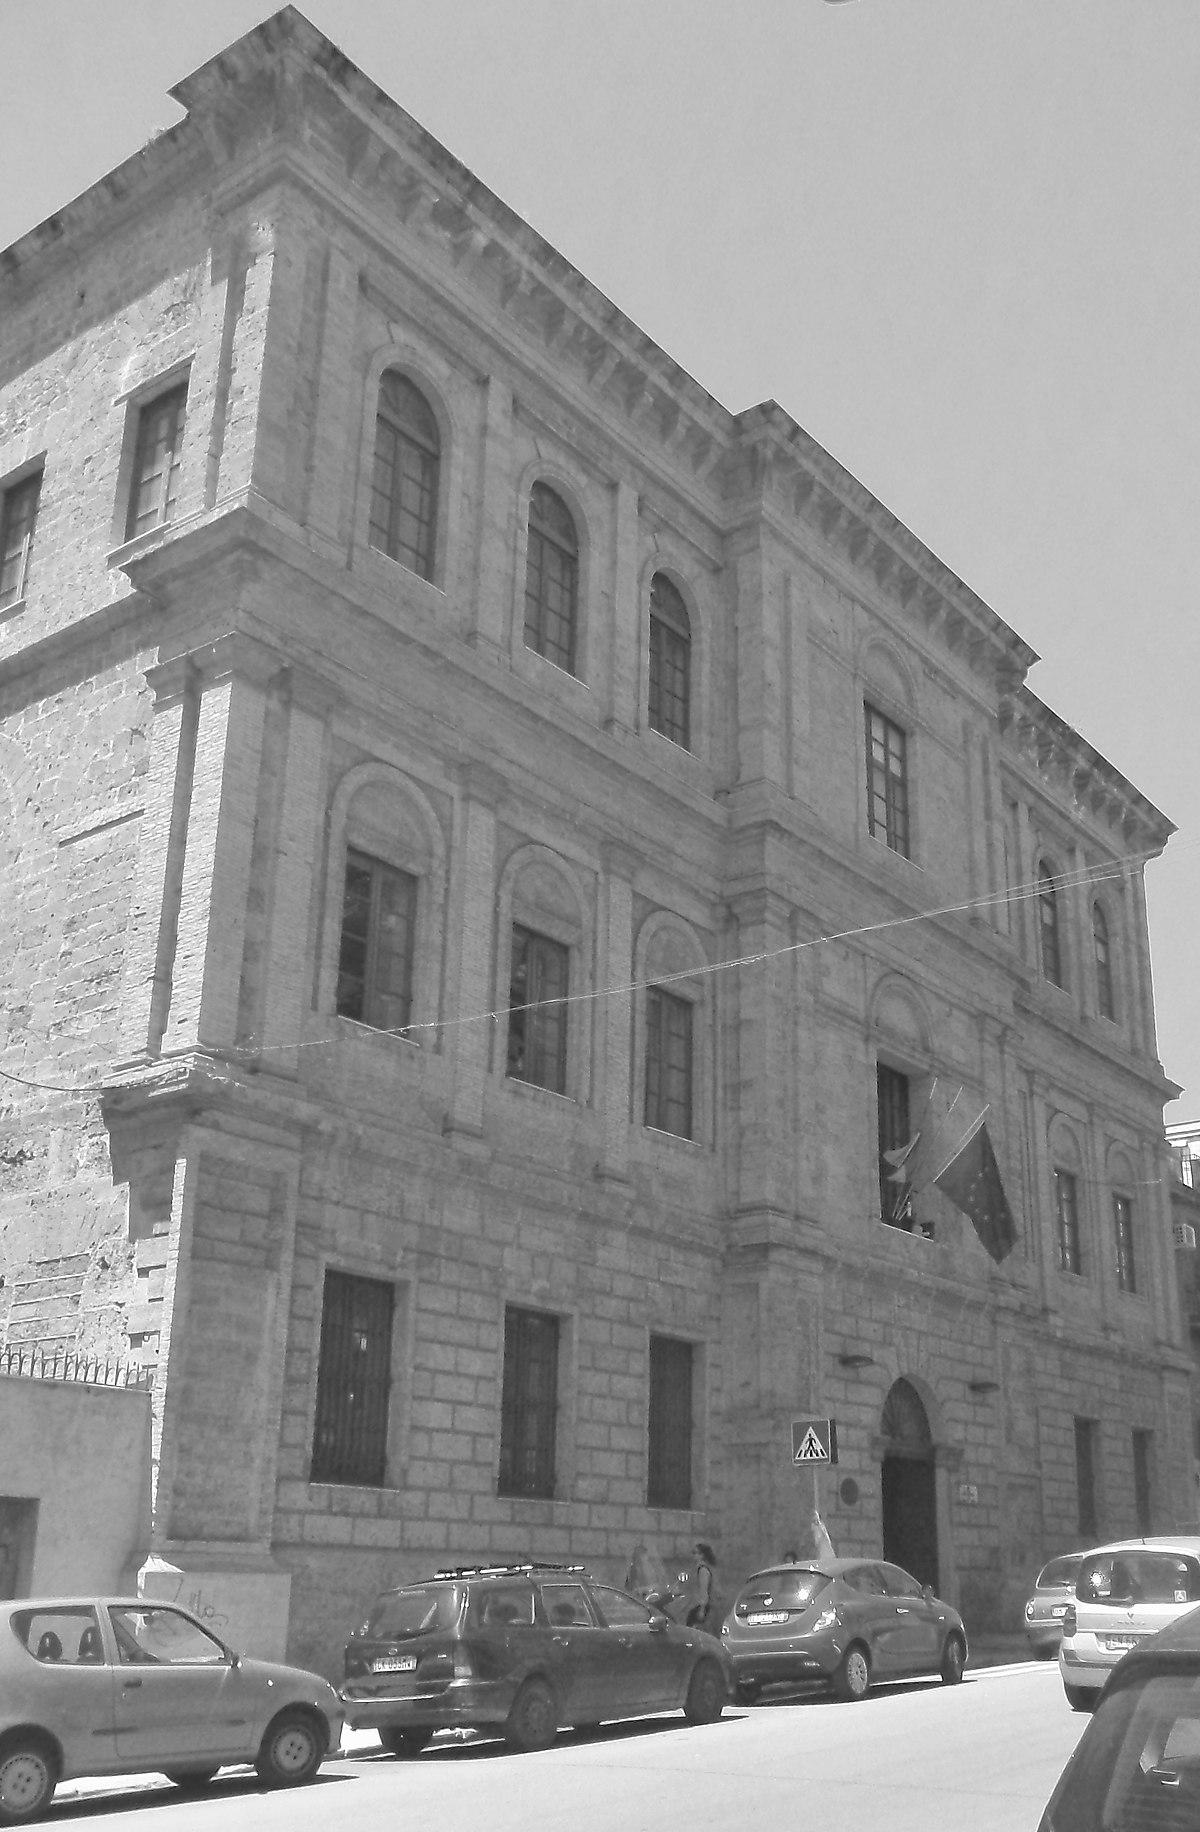 Accademia di belle arti di palermo wikipedia for Accademia delle belle arti corsi